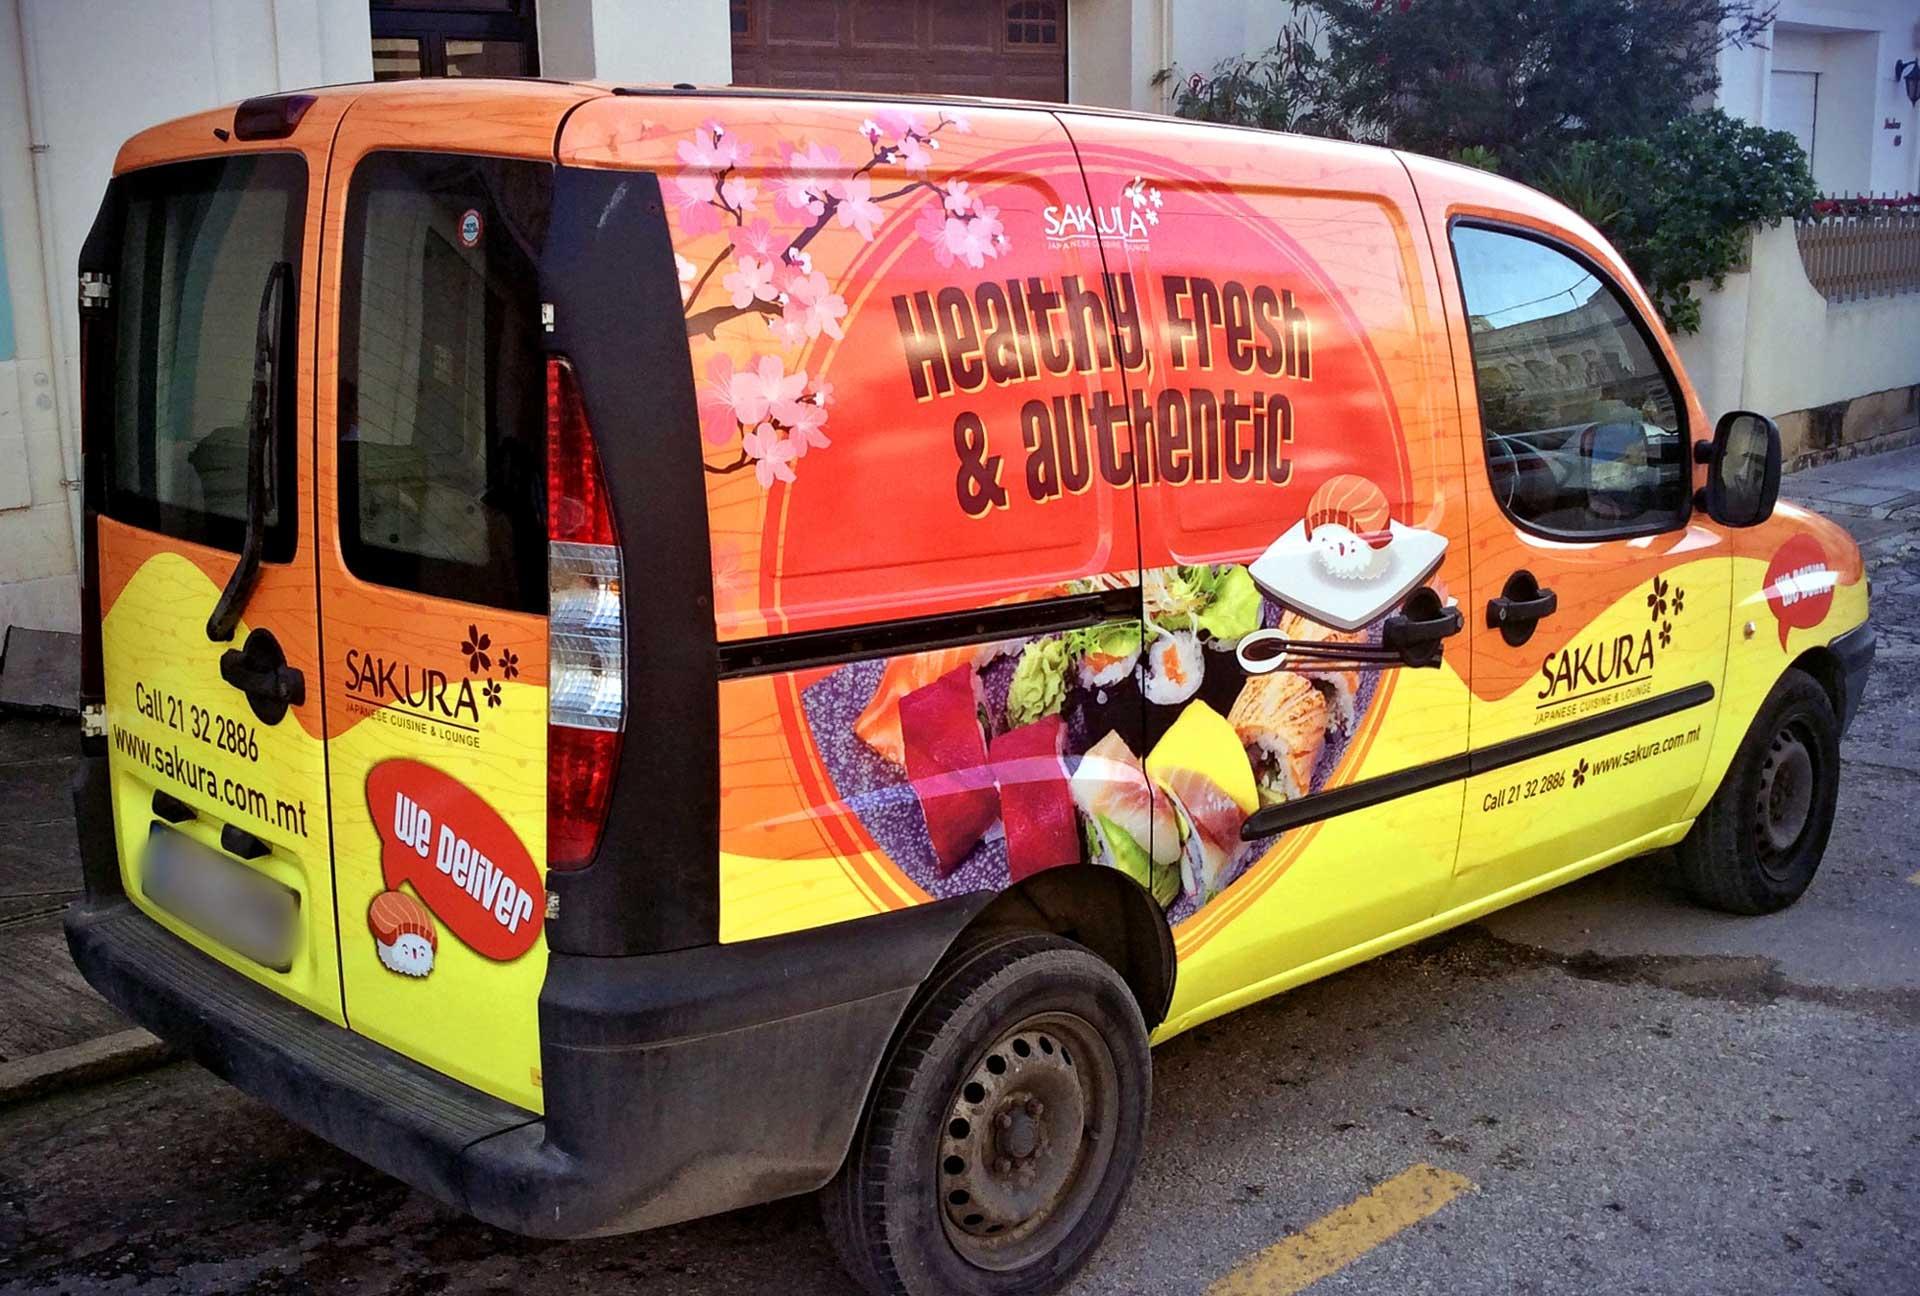 Vehicle Wrapping - Sakura Van